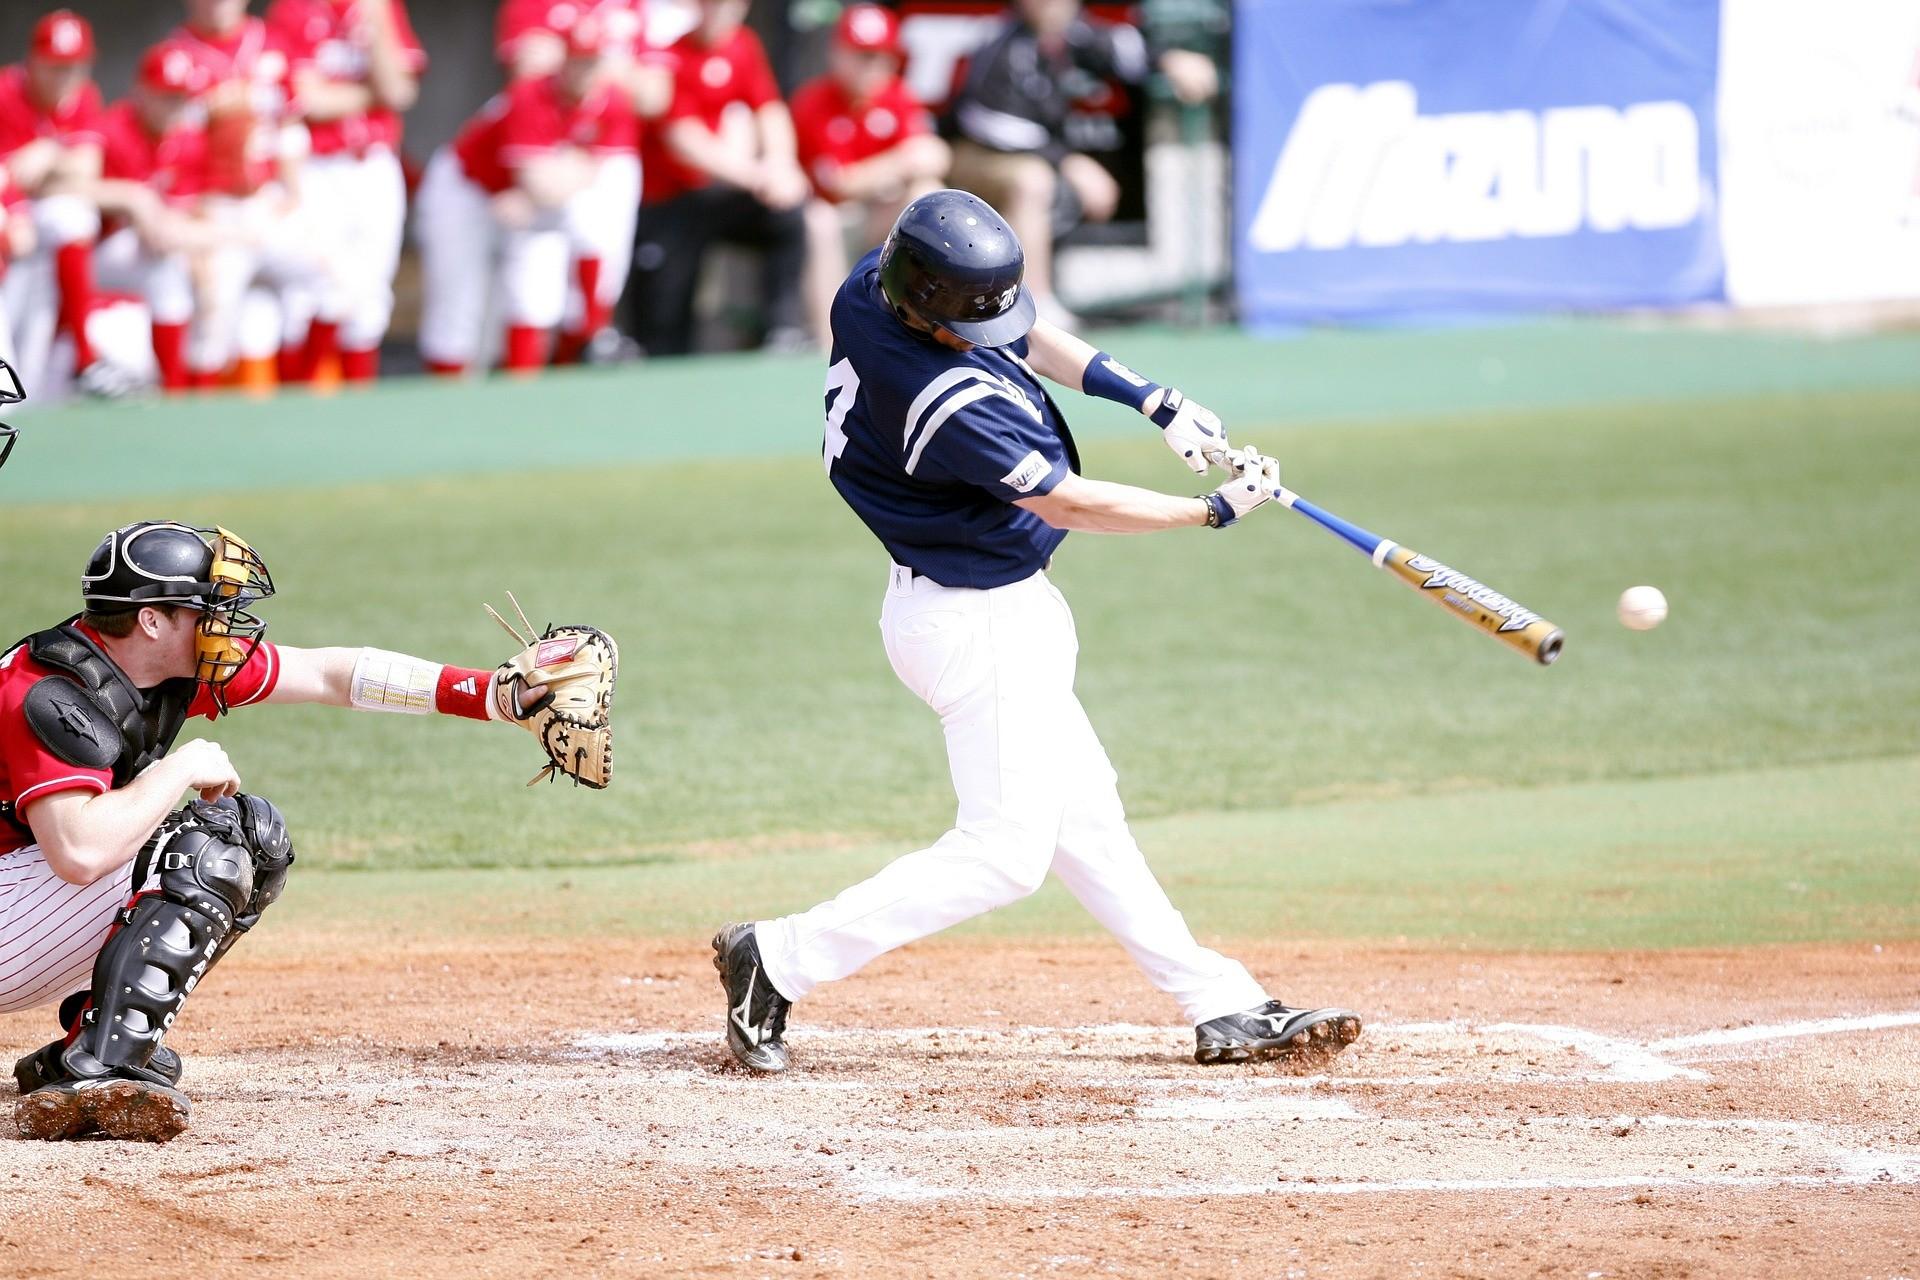 ▲▼棒球。(圖/取自免費圖庫Pixabay)